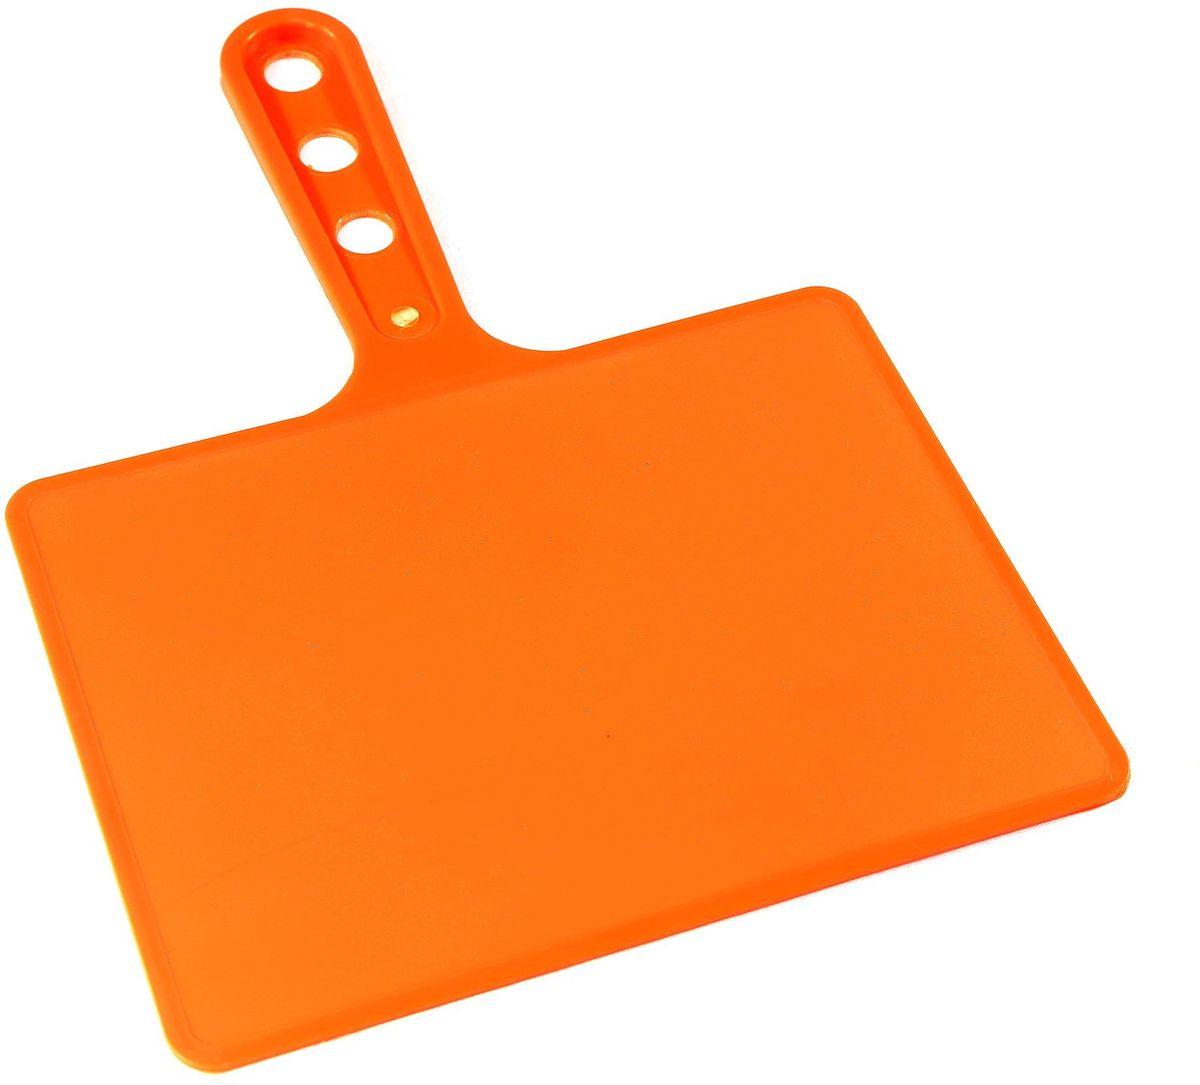 """Веер для мангала """"BG"""" предназначен для раздува углей в мангале. Изготовлен из высококачественного пластика (ПЭНД), одна сторона - глянец, вторая - шагрень. Ручка имеет 3 отверстия. Можно использовать как разделочную доску для мяса, нарезки овощей или хлеба.    Рабочая поверхность выполнена в виде прямоугольника, размер: 197 х 148 мм."""